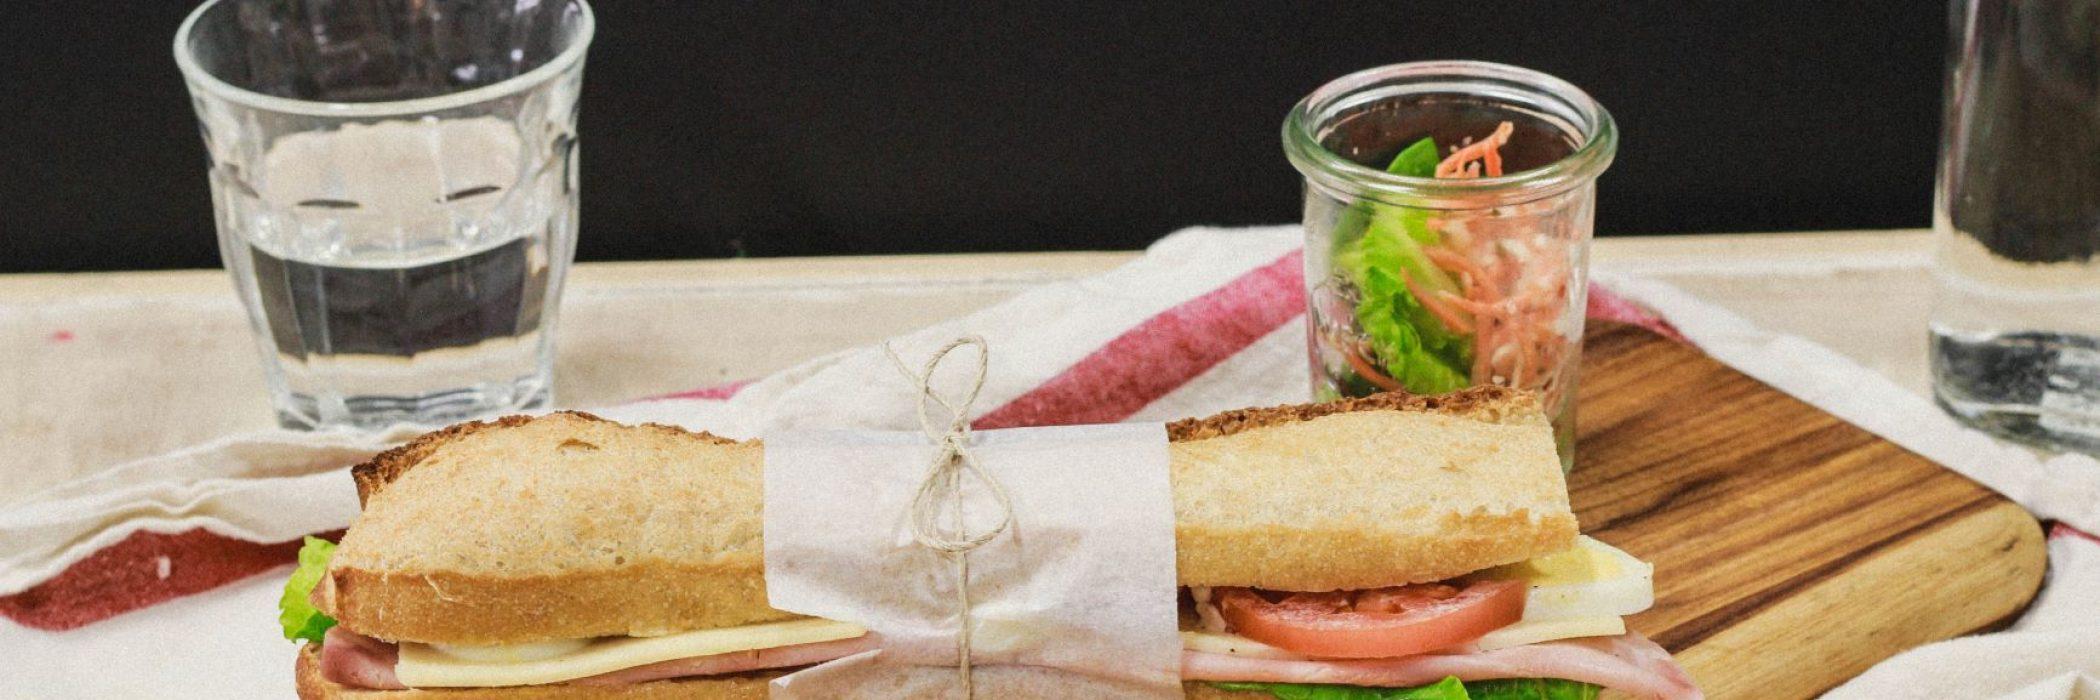 Produits_sandwich-REBRAND-14